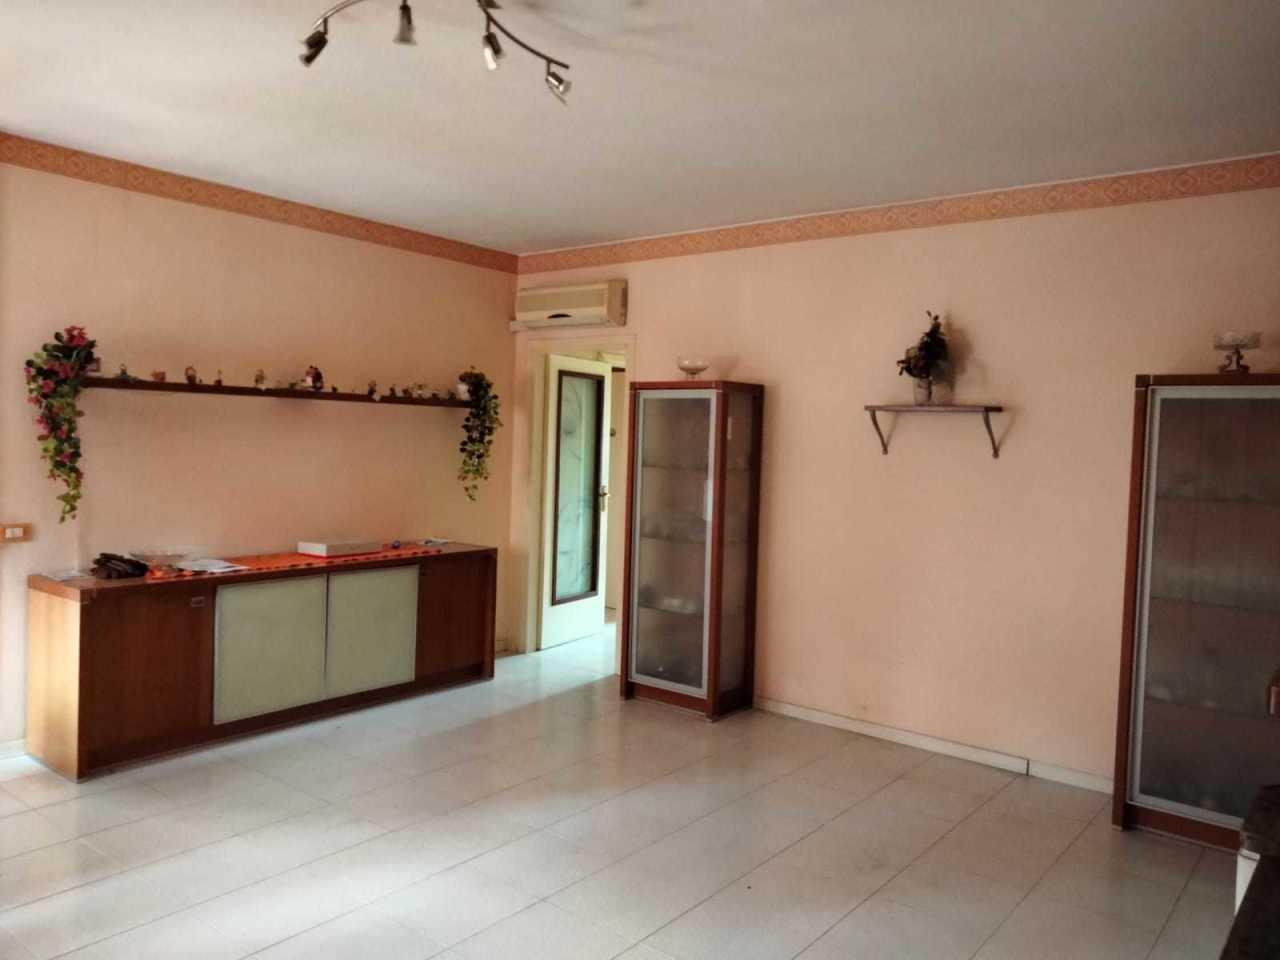 Appartamento in vendita a Acquasparta, 4 locali, prezzo € 77.000   PortaleAgenzieImmobiliari.it